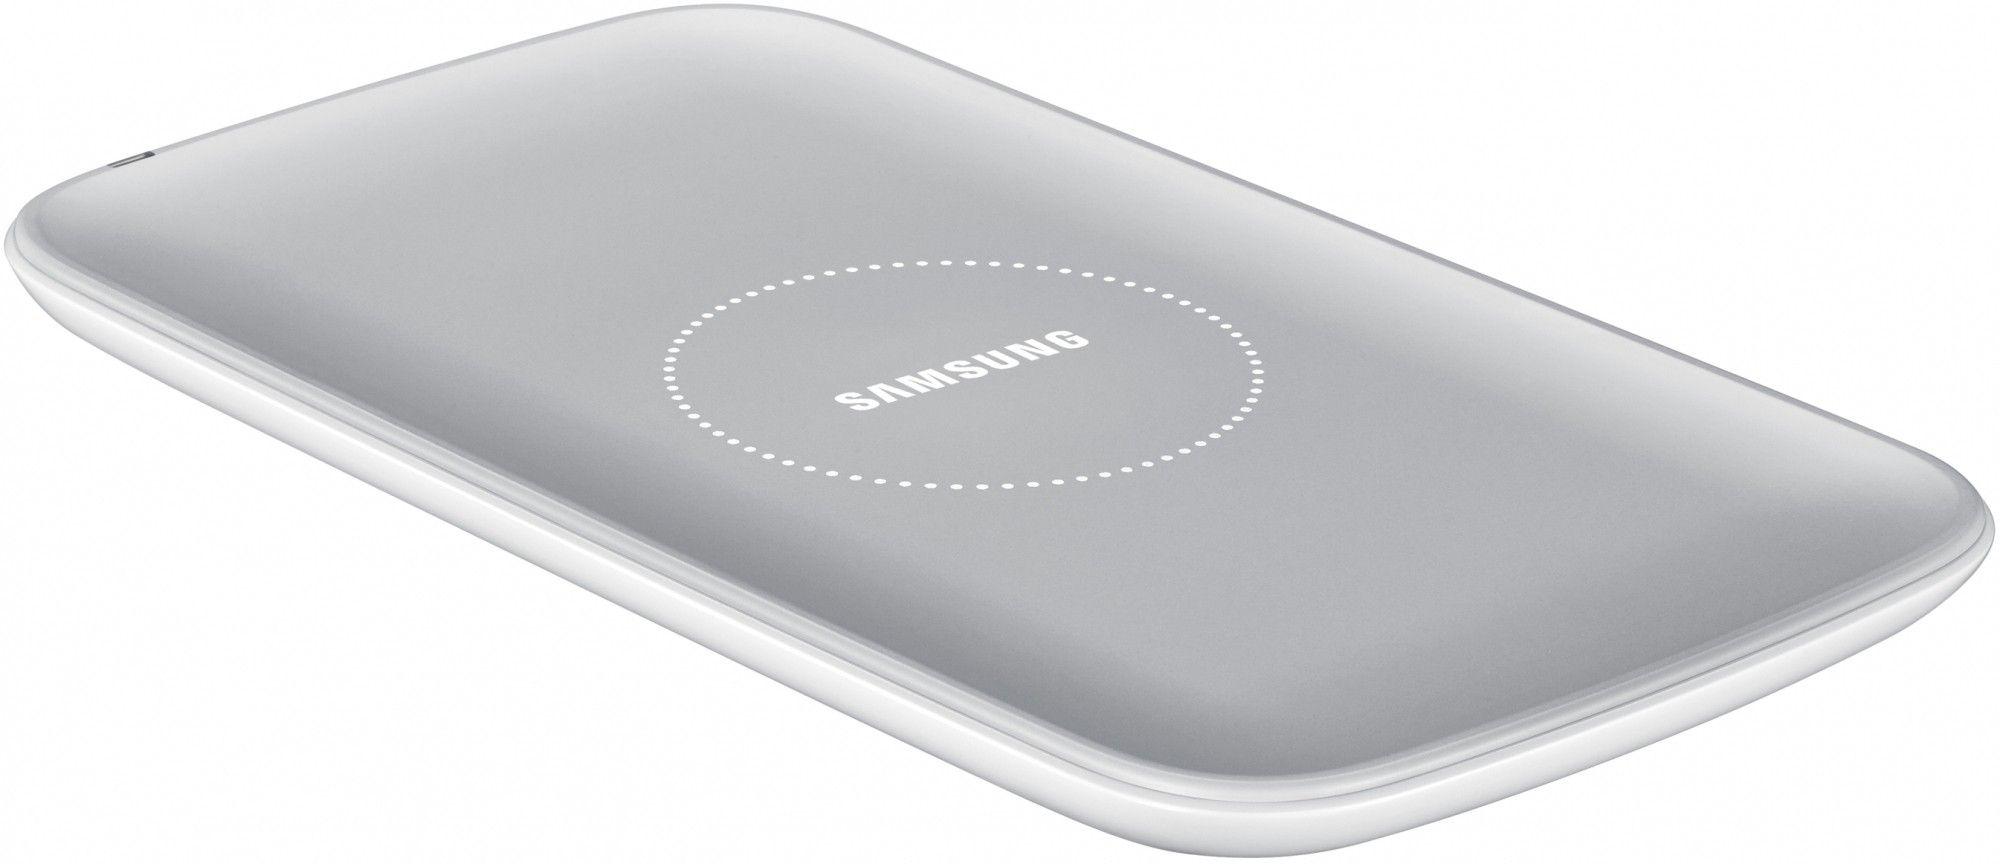 Беспроводное зарядное устройство Samsung Galaxy S4 Note 3 (EP-P100IEWEGWW) - 3